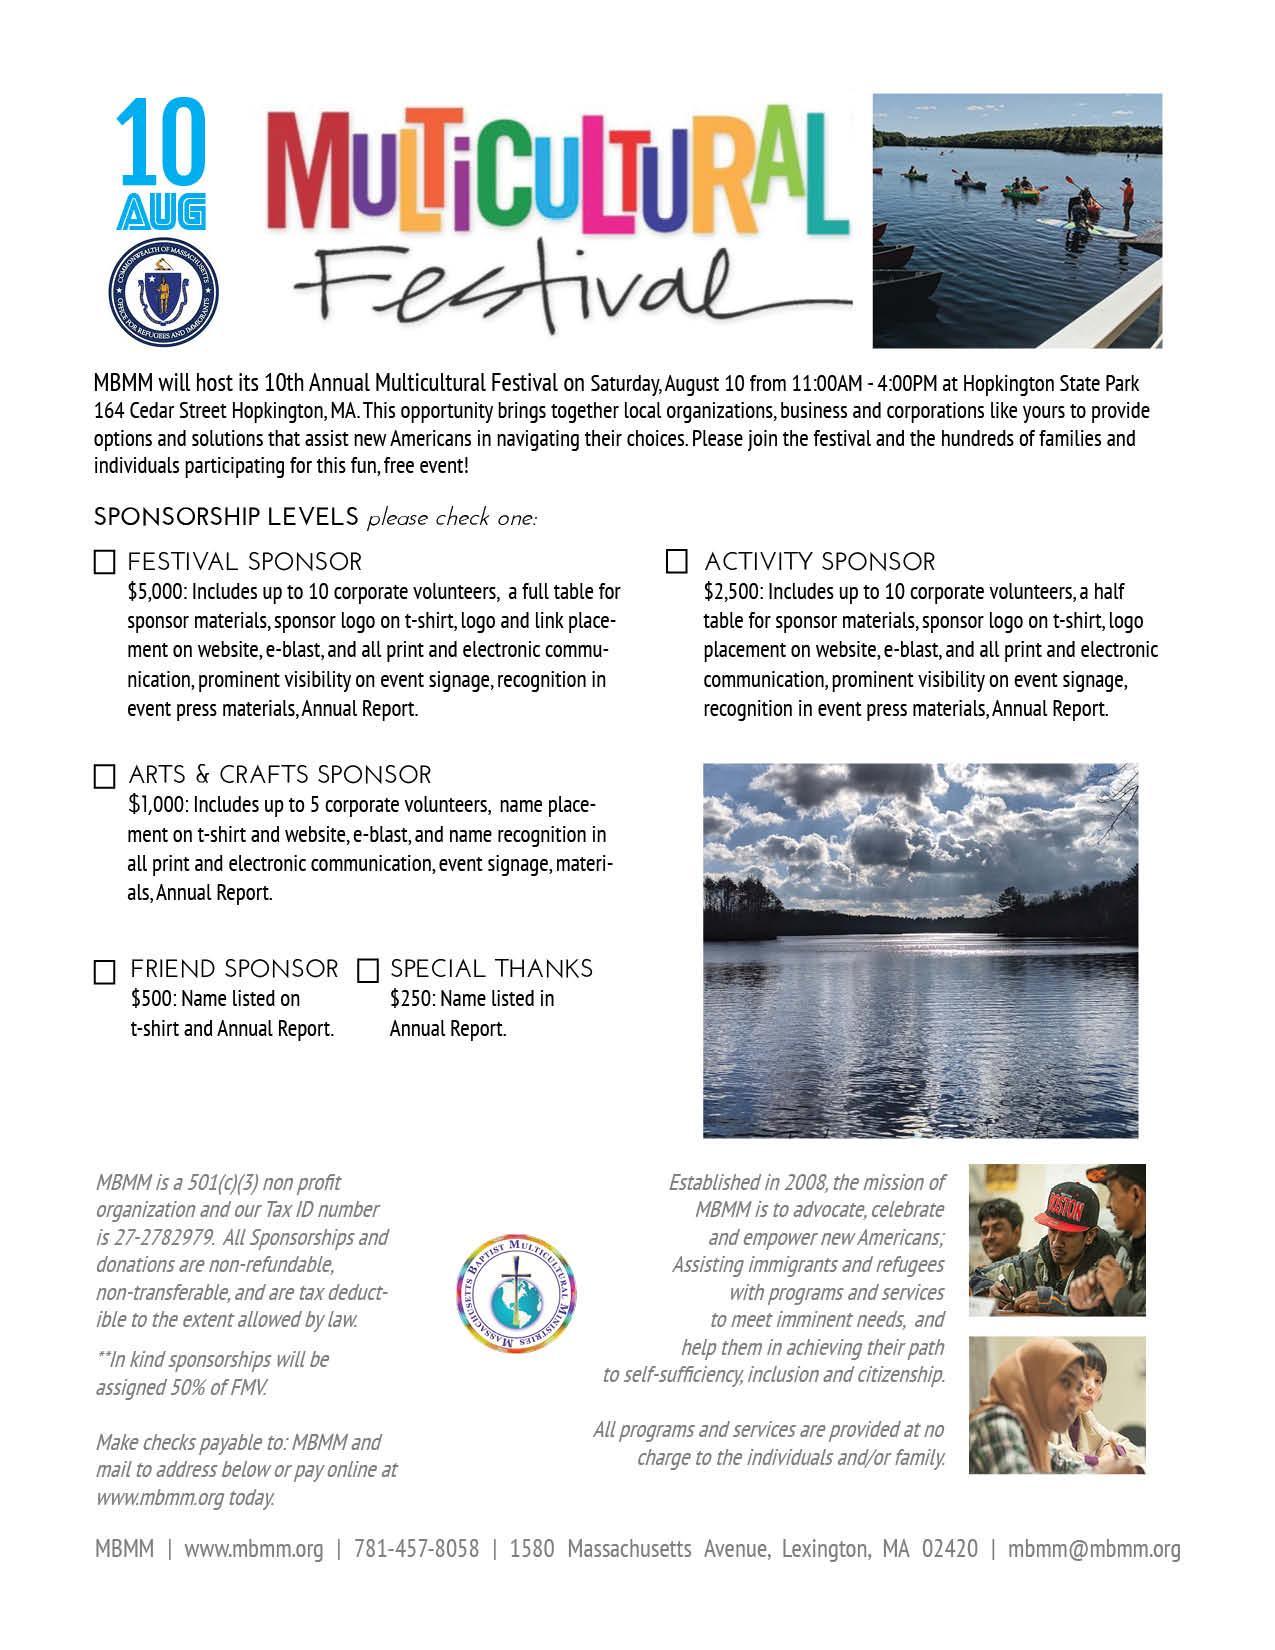 Multicultural Festival Sponsor Letter with logo-August 10.jpg